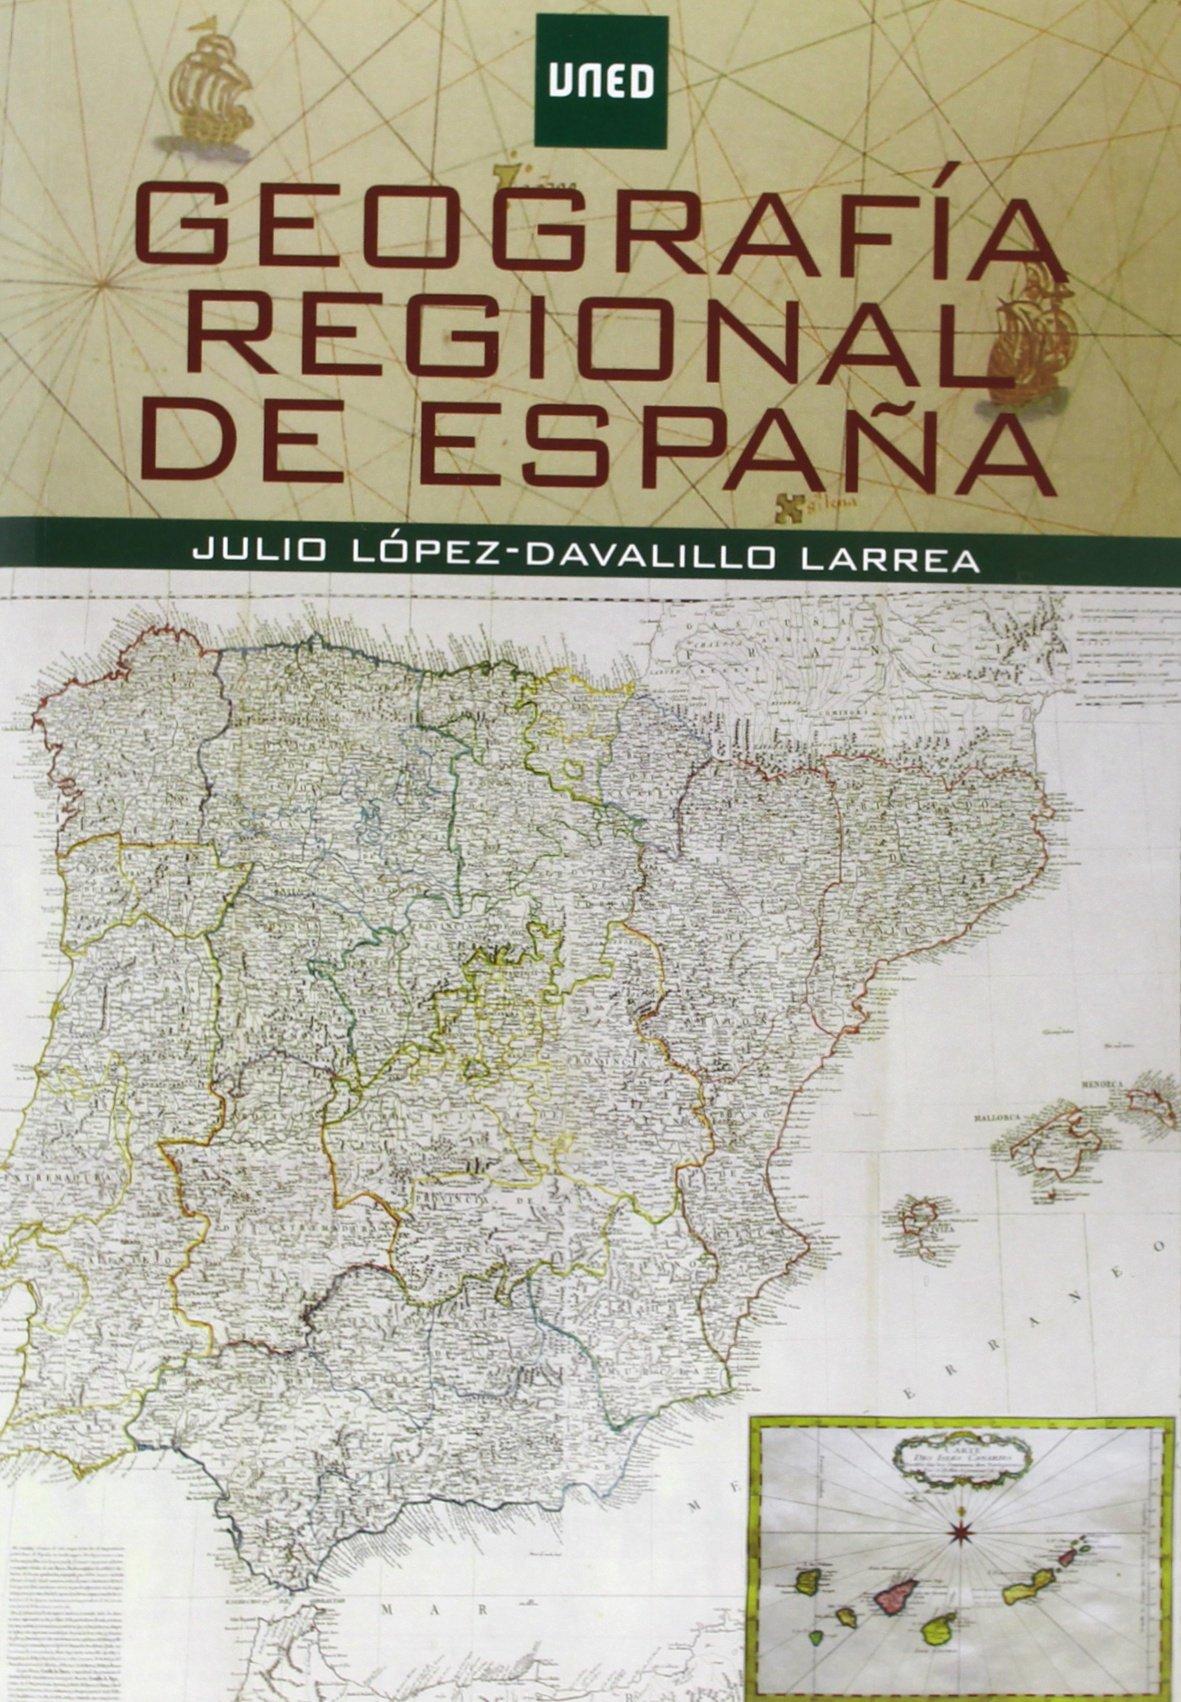 Geografía Regional De España GRADO de Julio LÓPEZ-DAVALILLO LARREA ...